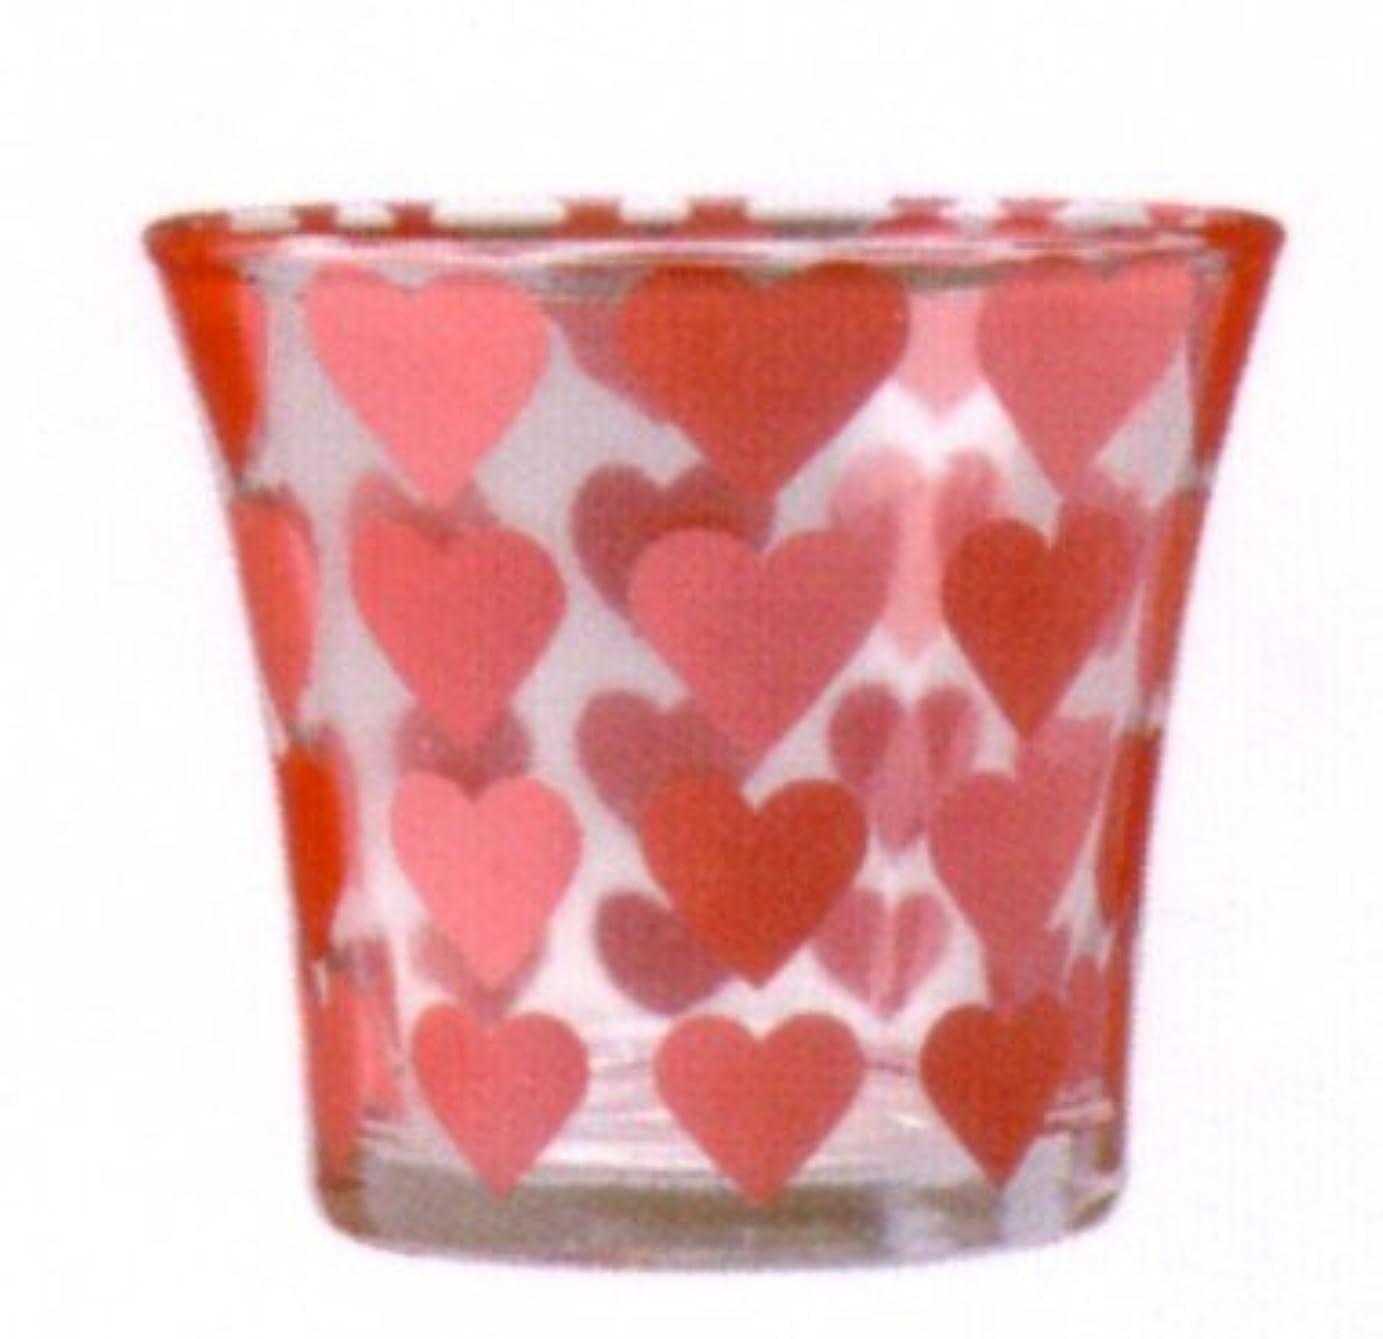 流行している予約多くの危険がある状況ハートカップ ピンク